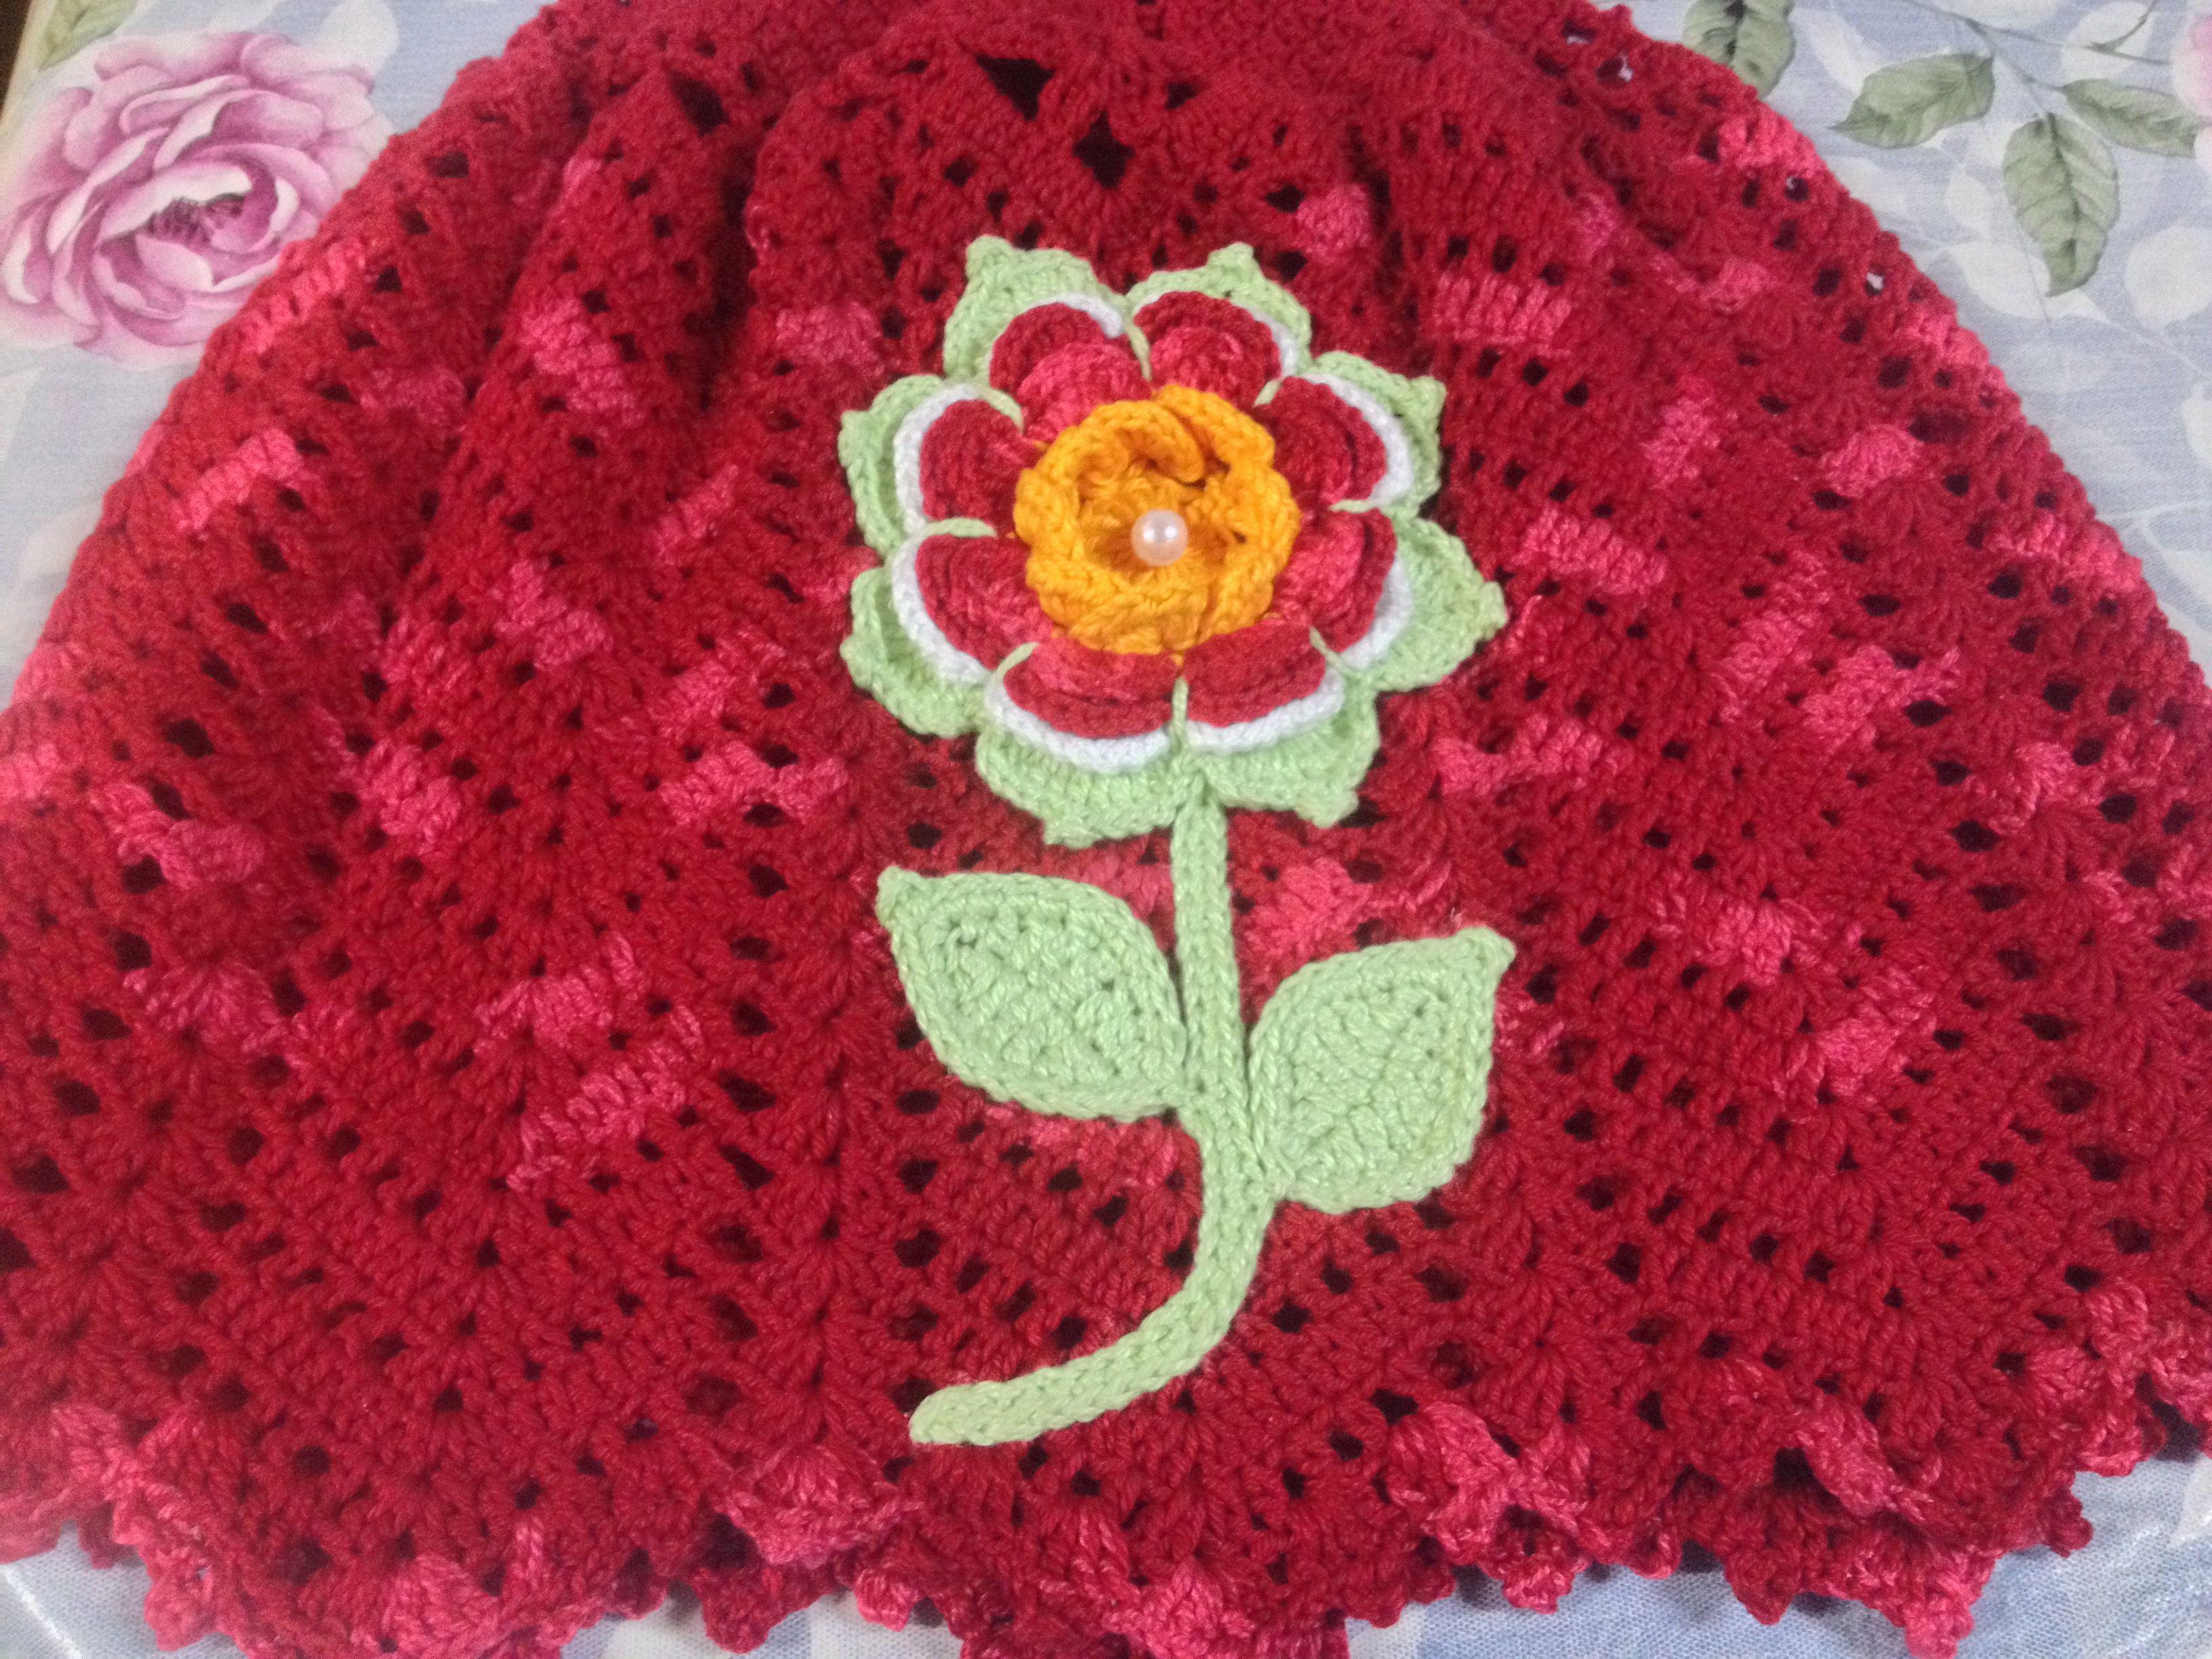 Capa de galão de água com flor